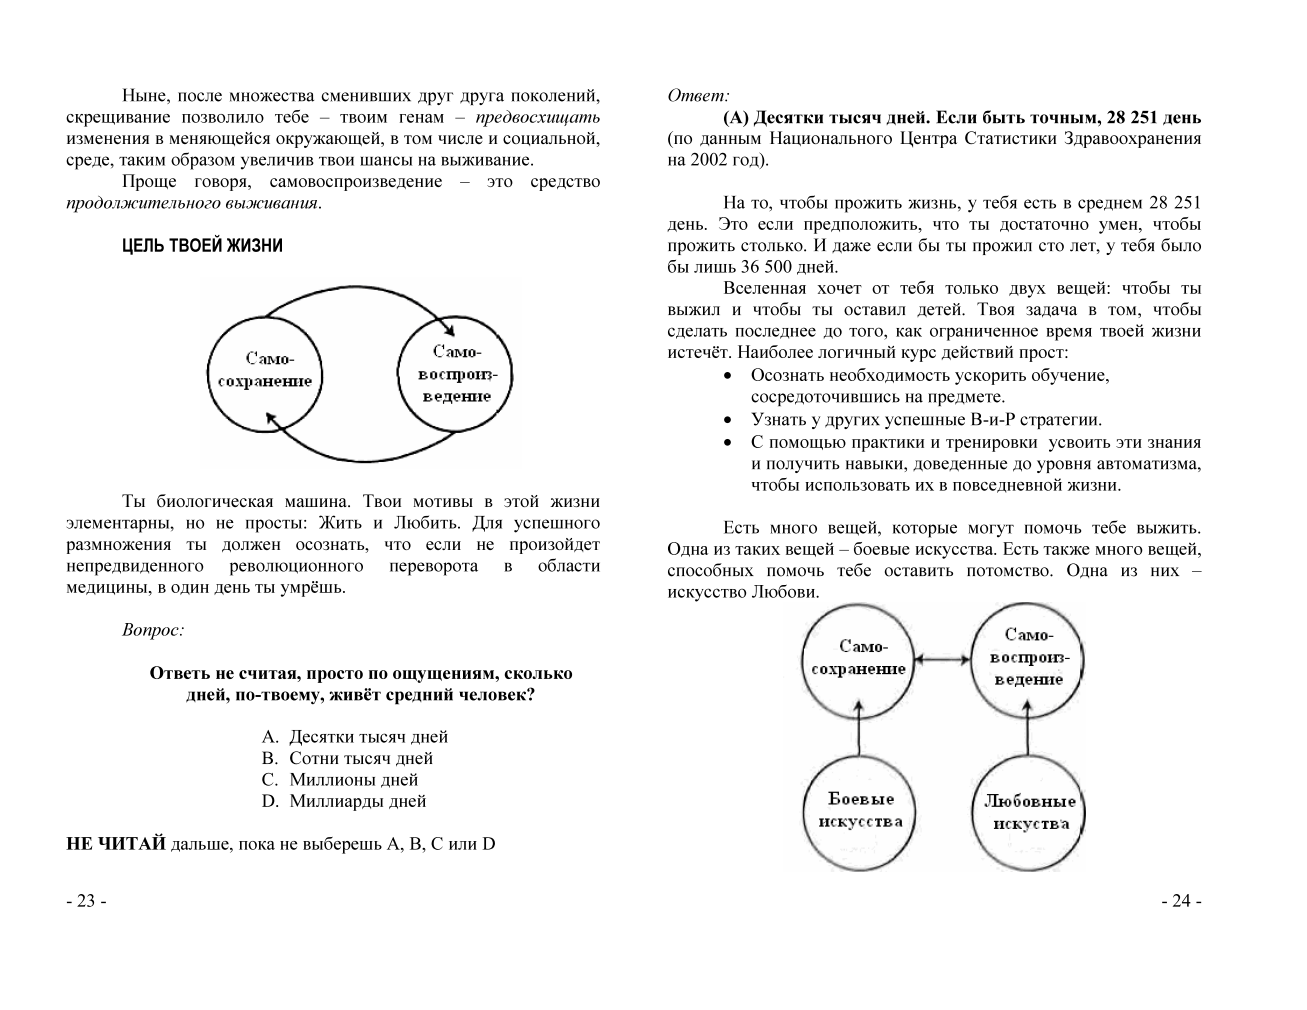 Мистери метод скачать pdf